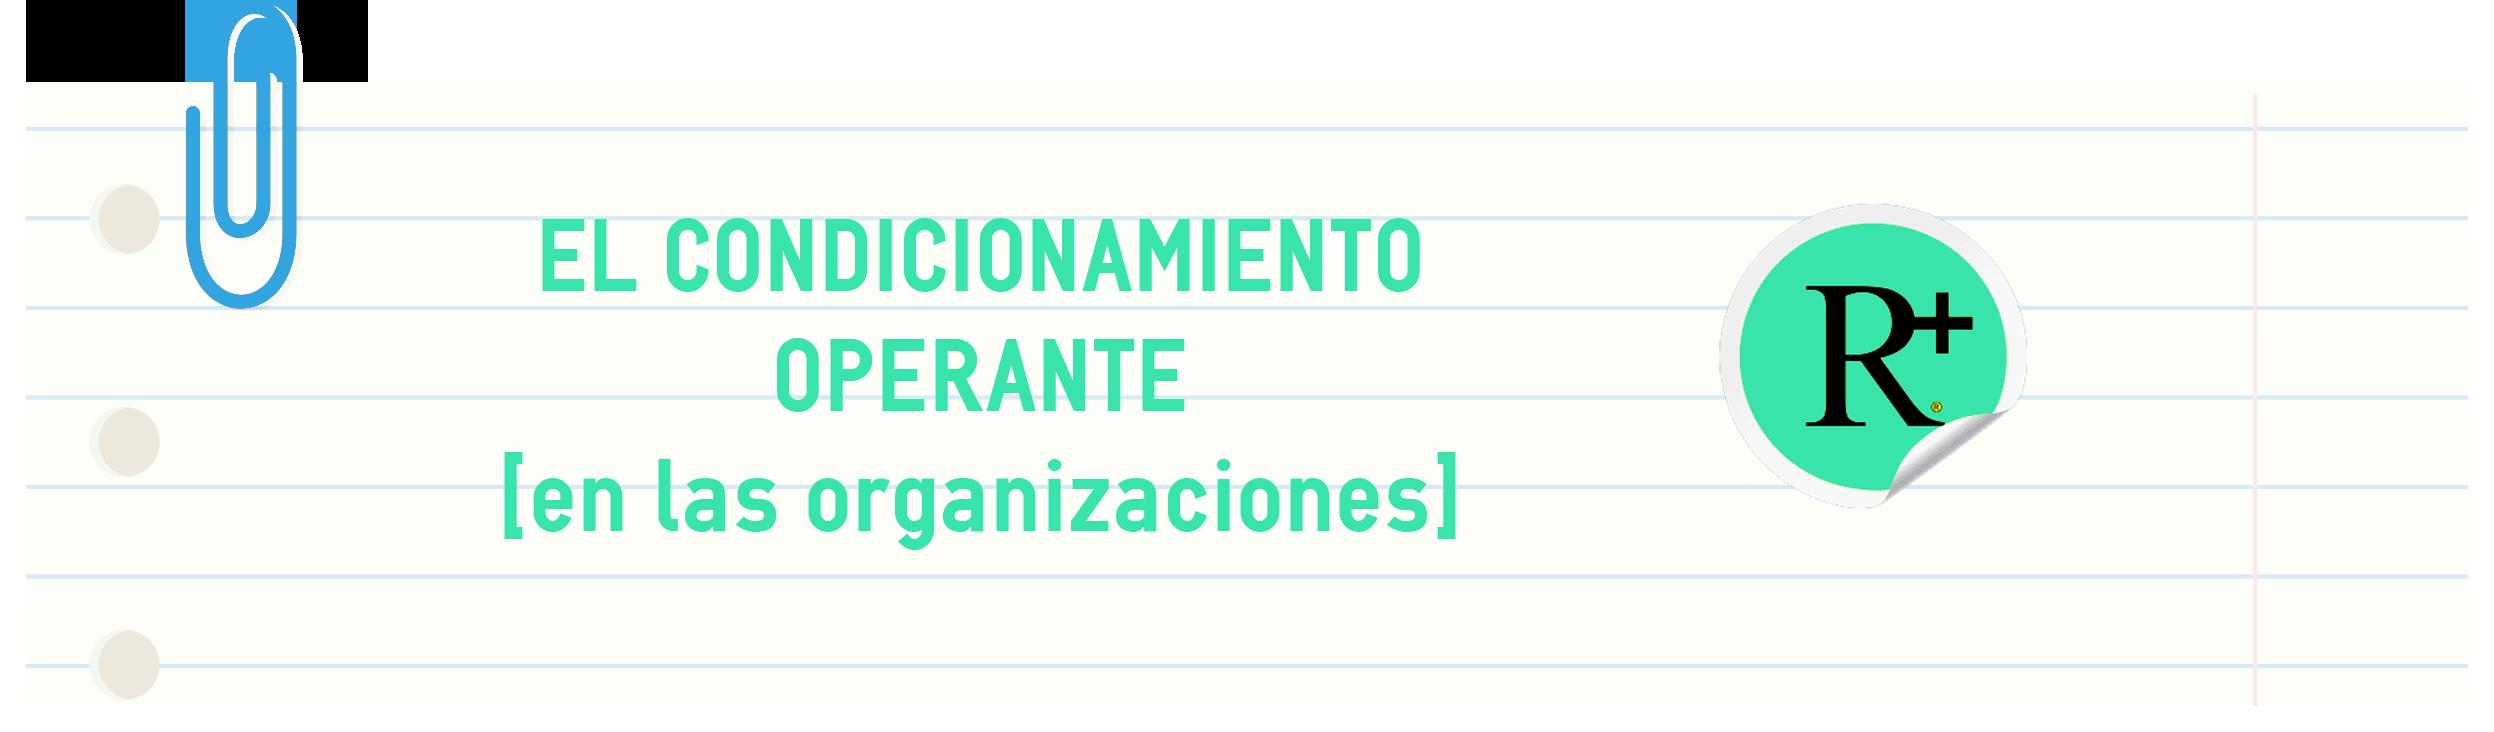 condicionamiento_operante_organizaciones.png